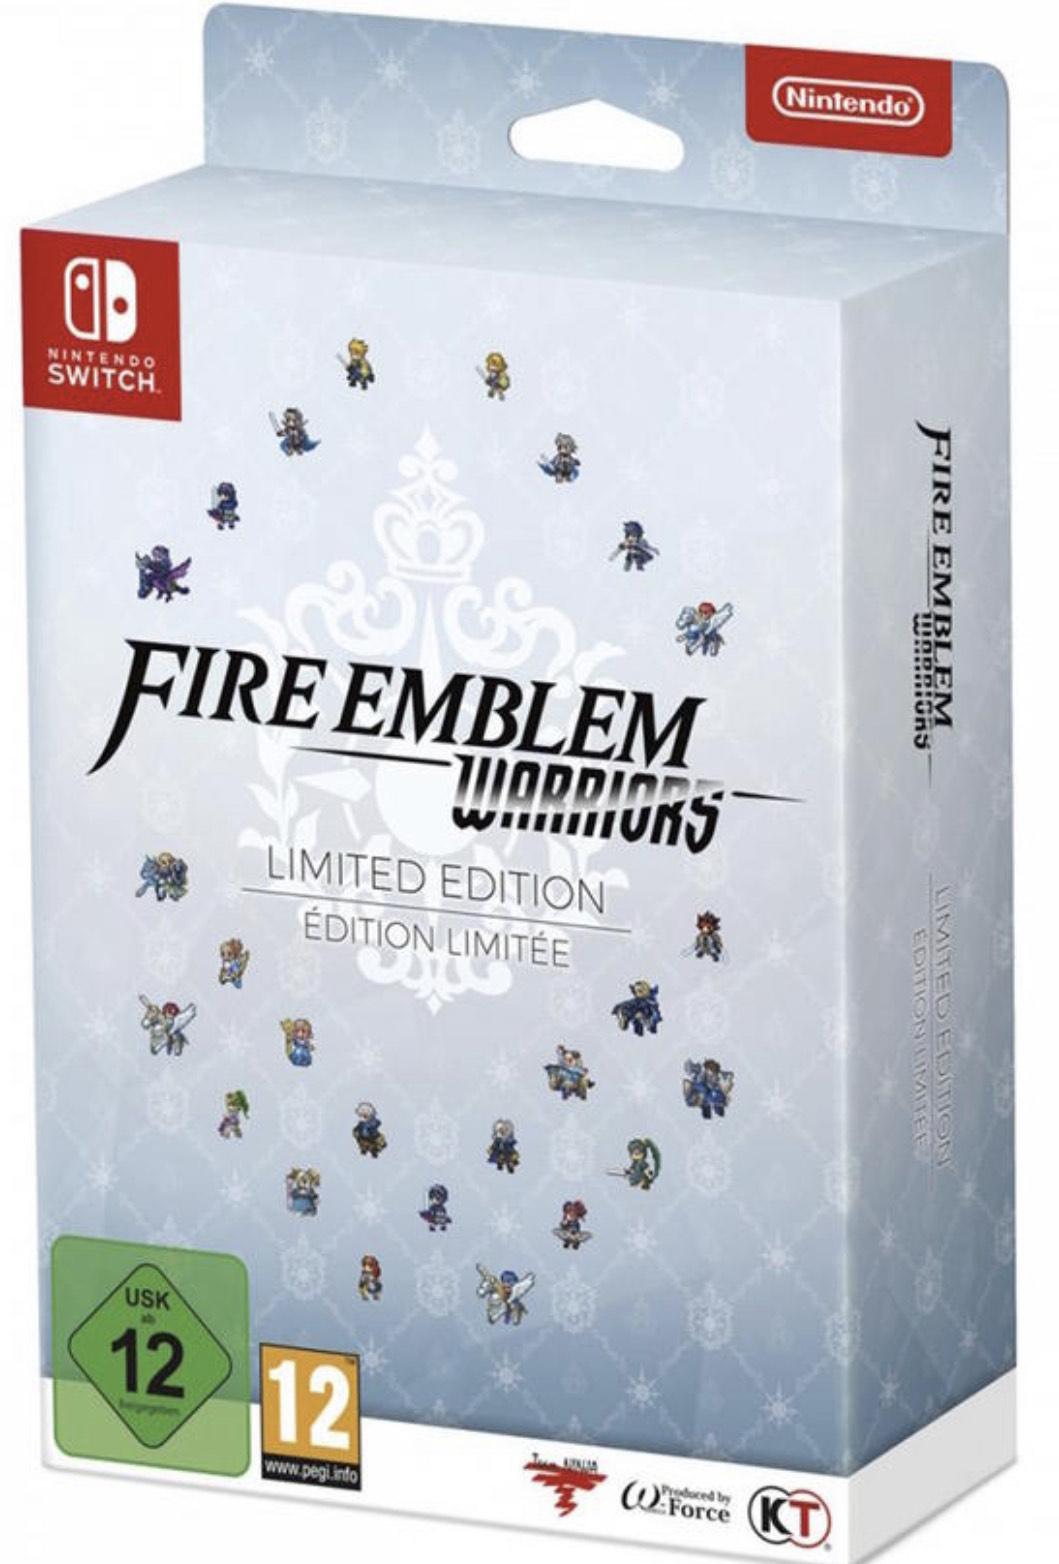 Jeu Fire Emblem Warriors - édition limitée sur Nintendo Switch (via retrait en magasin) - Cherbourg (50)